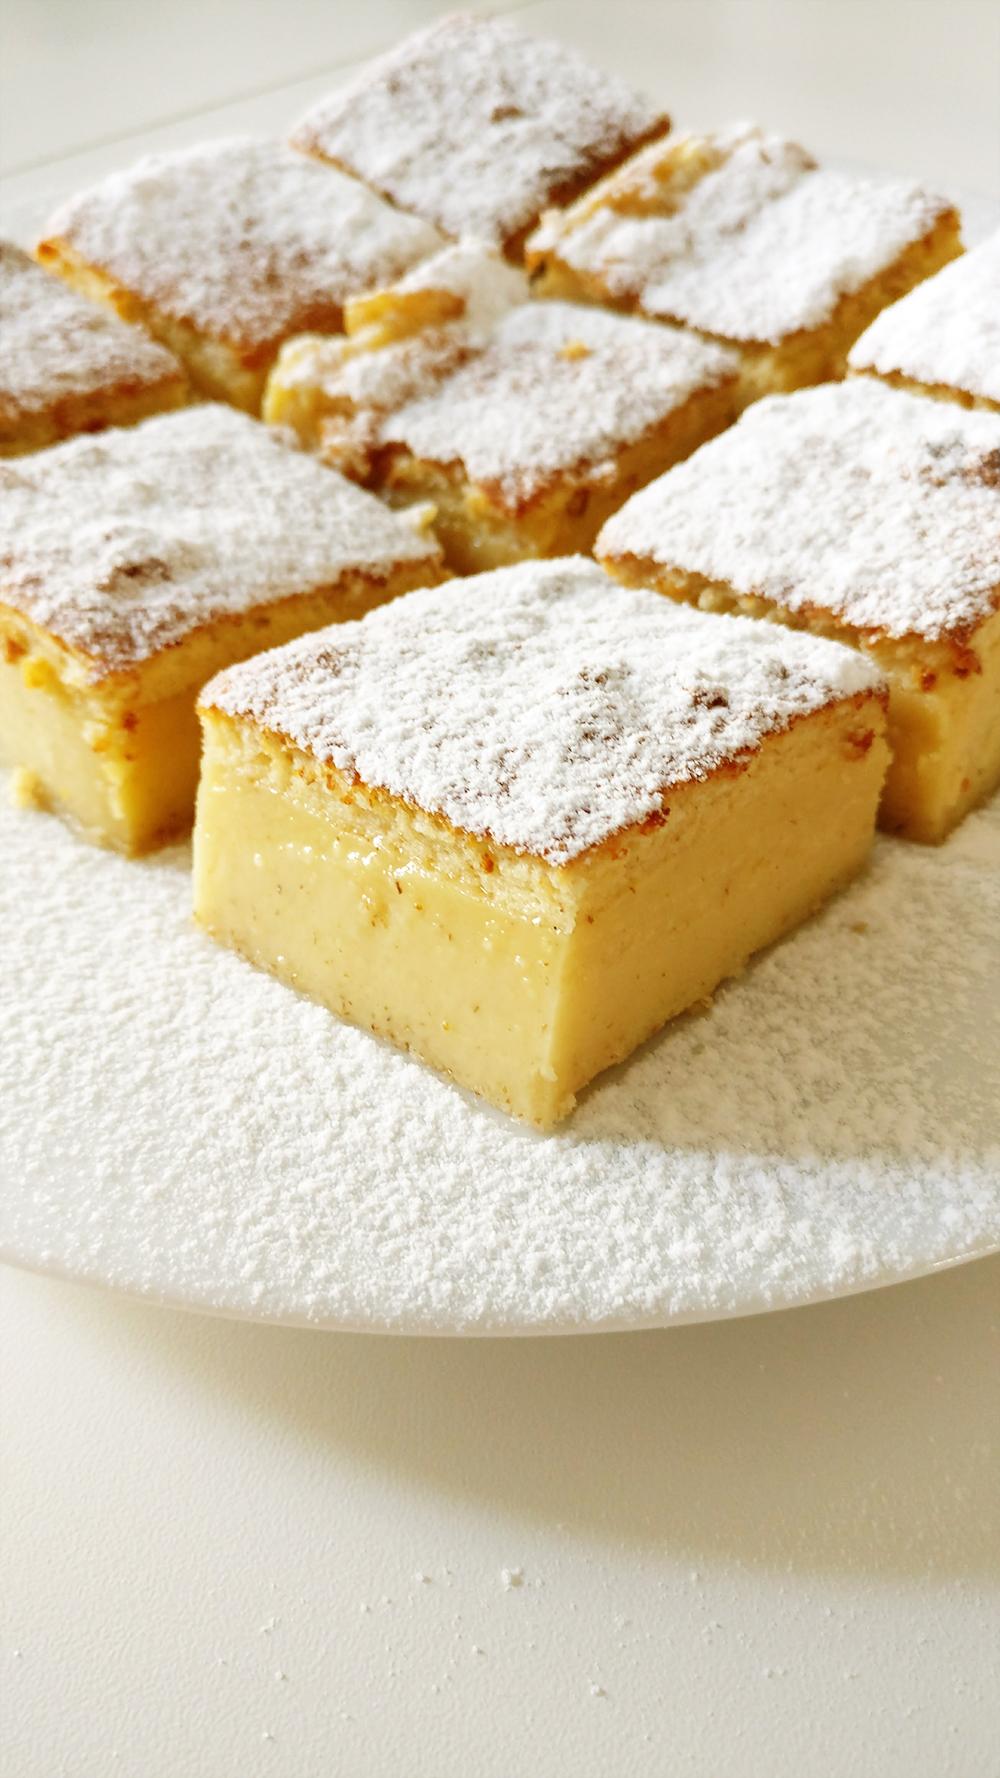 Delicious milky vanilla bars | Aliz's Wonderland #vanillabar #vanillacurd #dessert #milkybar #recipe